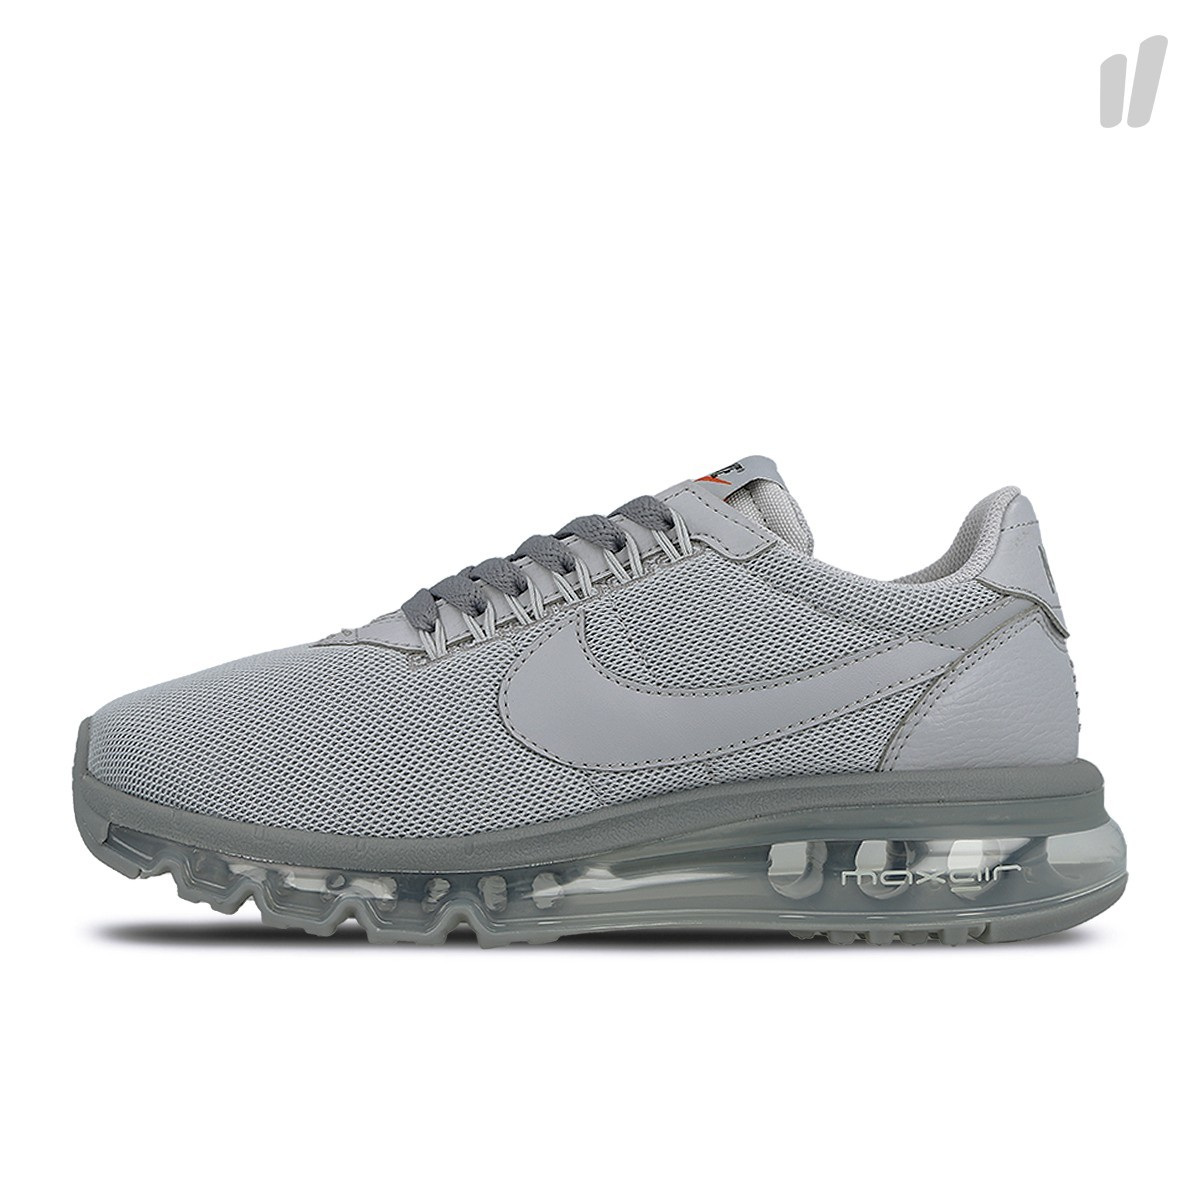 Nike Nike Wmns Air Max LD-Zero ( 896495 001 ) size 6 US women 896495-001 -  $247.00